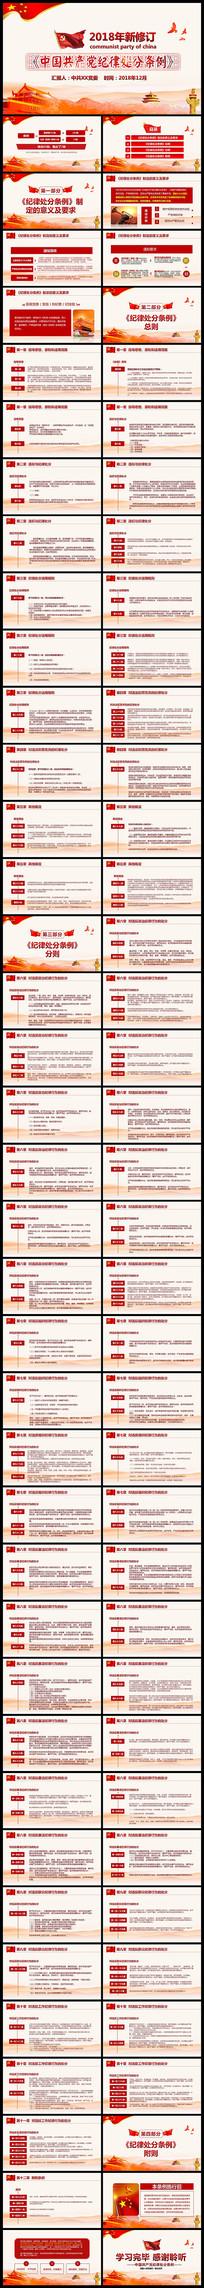 共产党纪律处分条例PPT